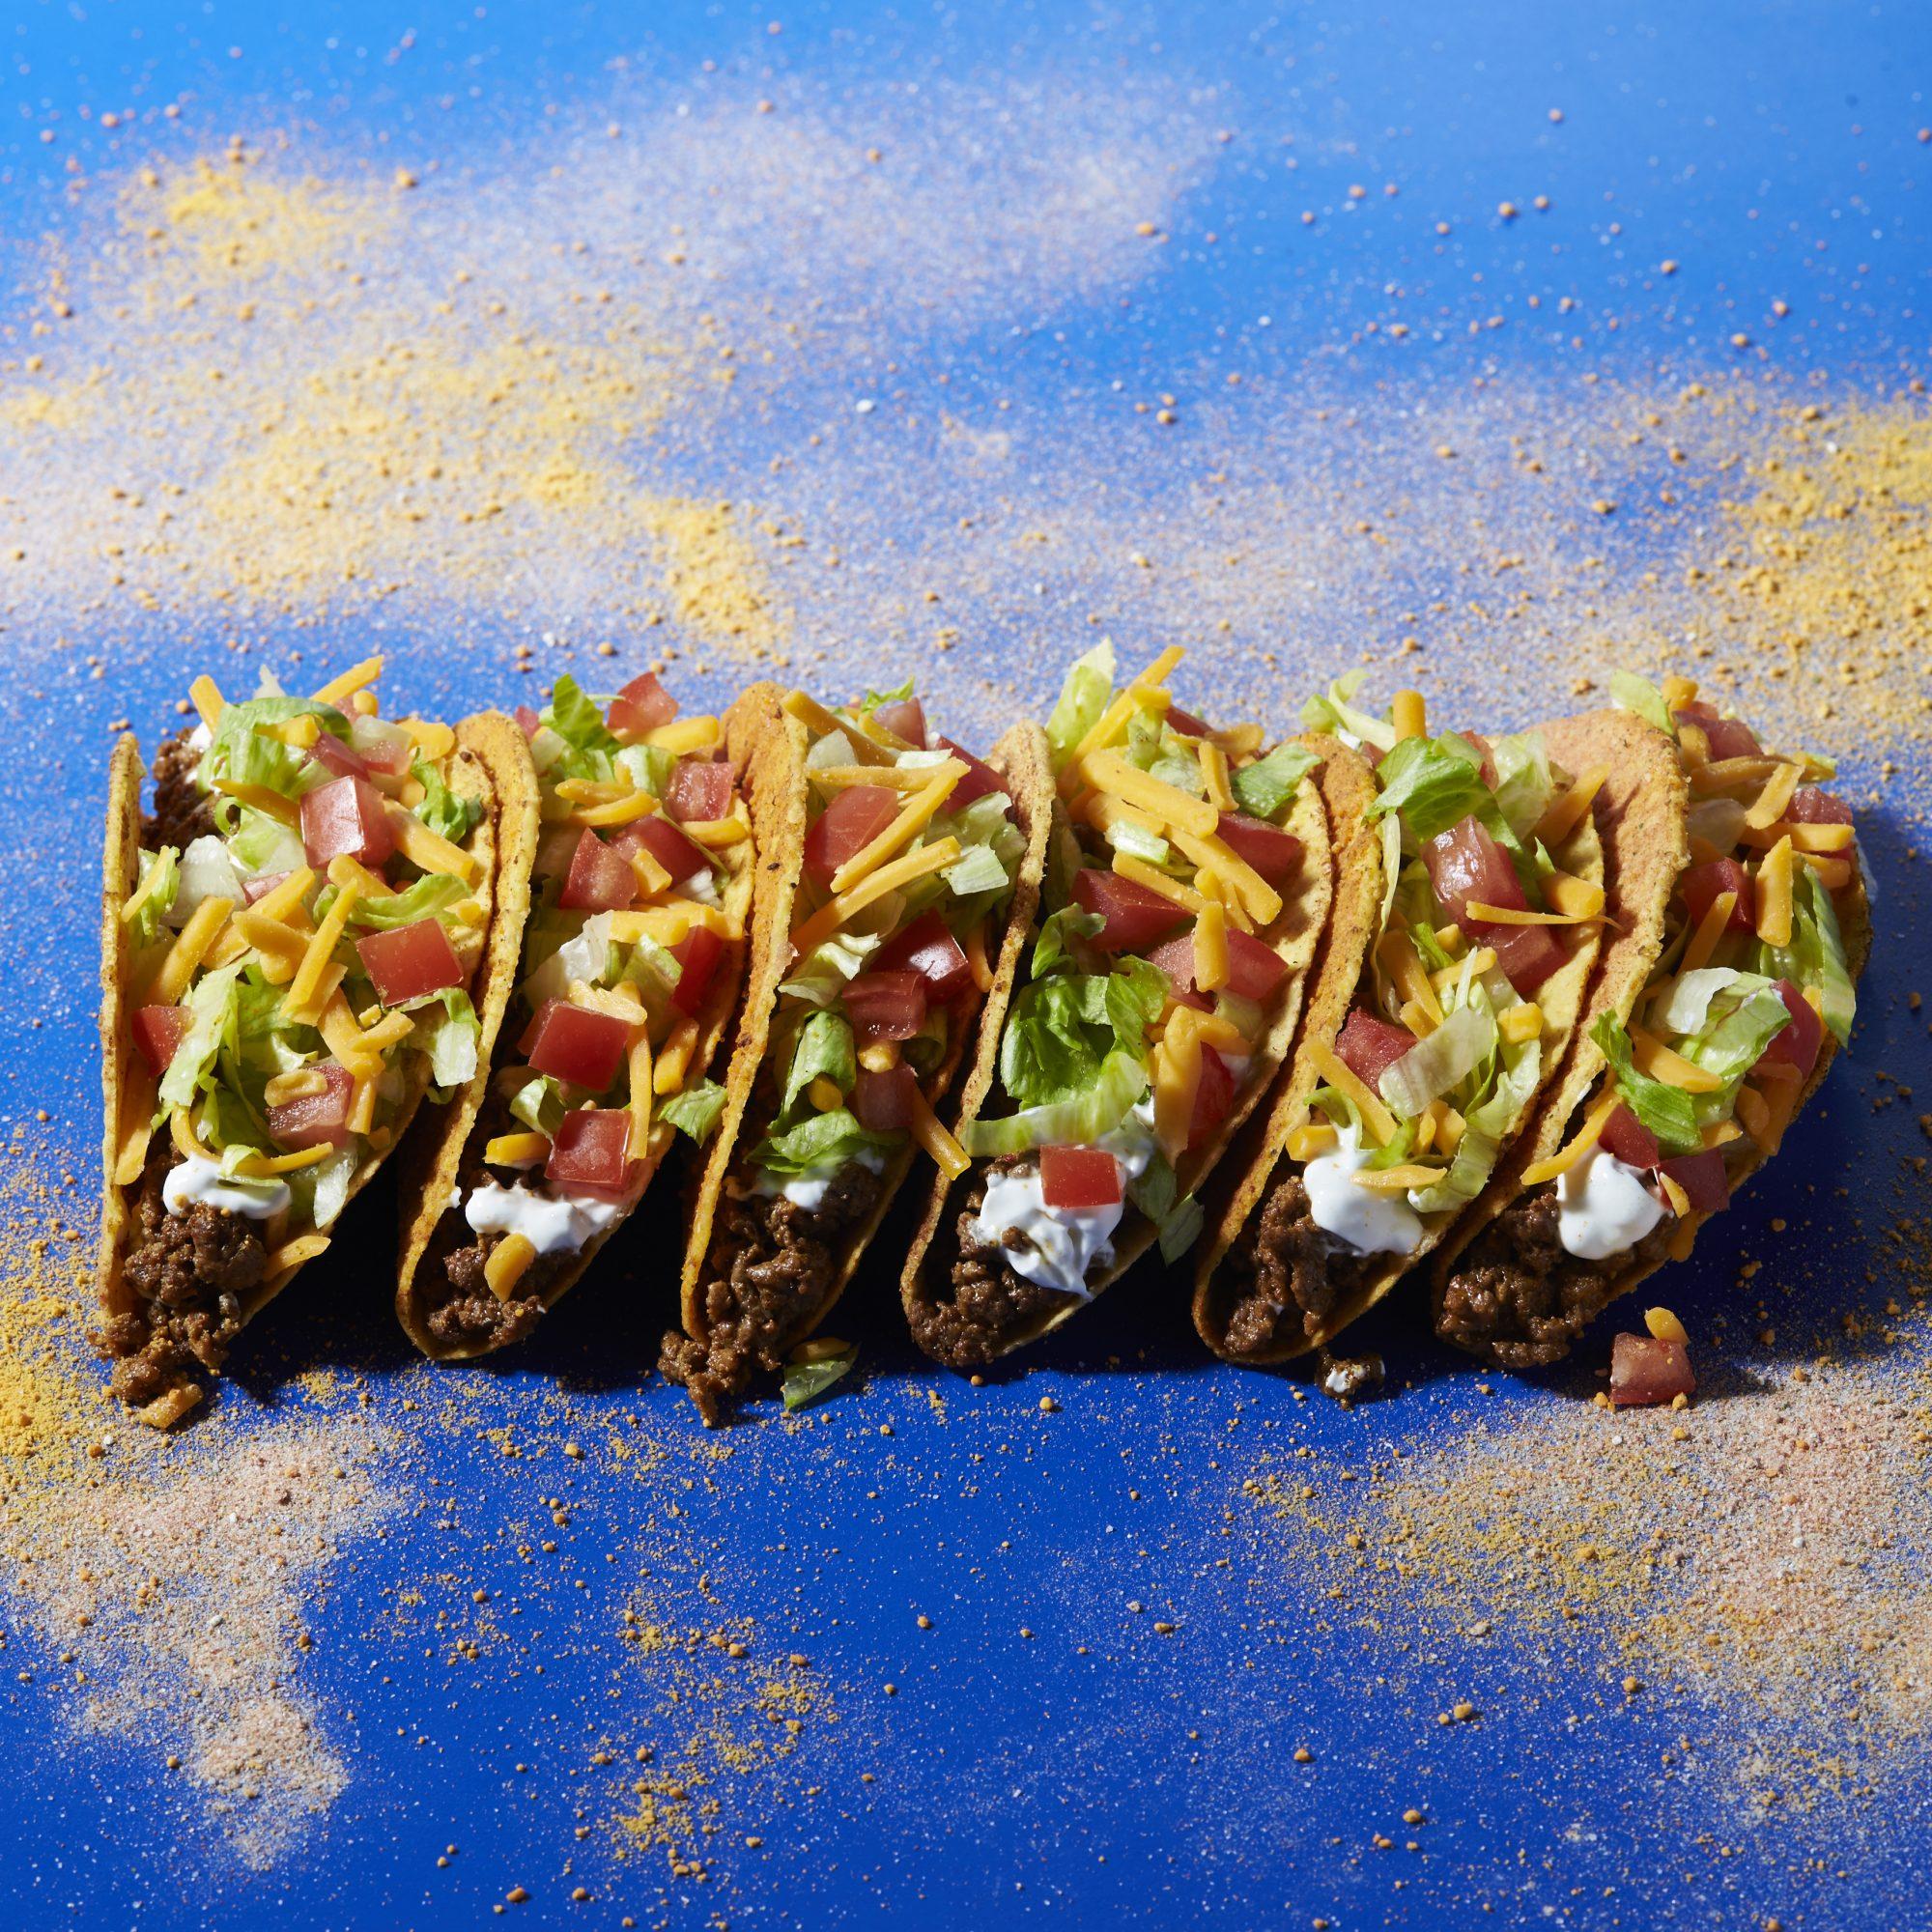 Copycat Doritos Locos Tacos